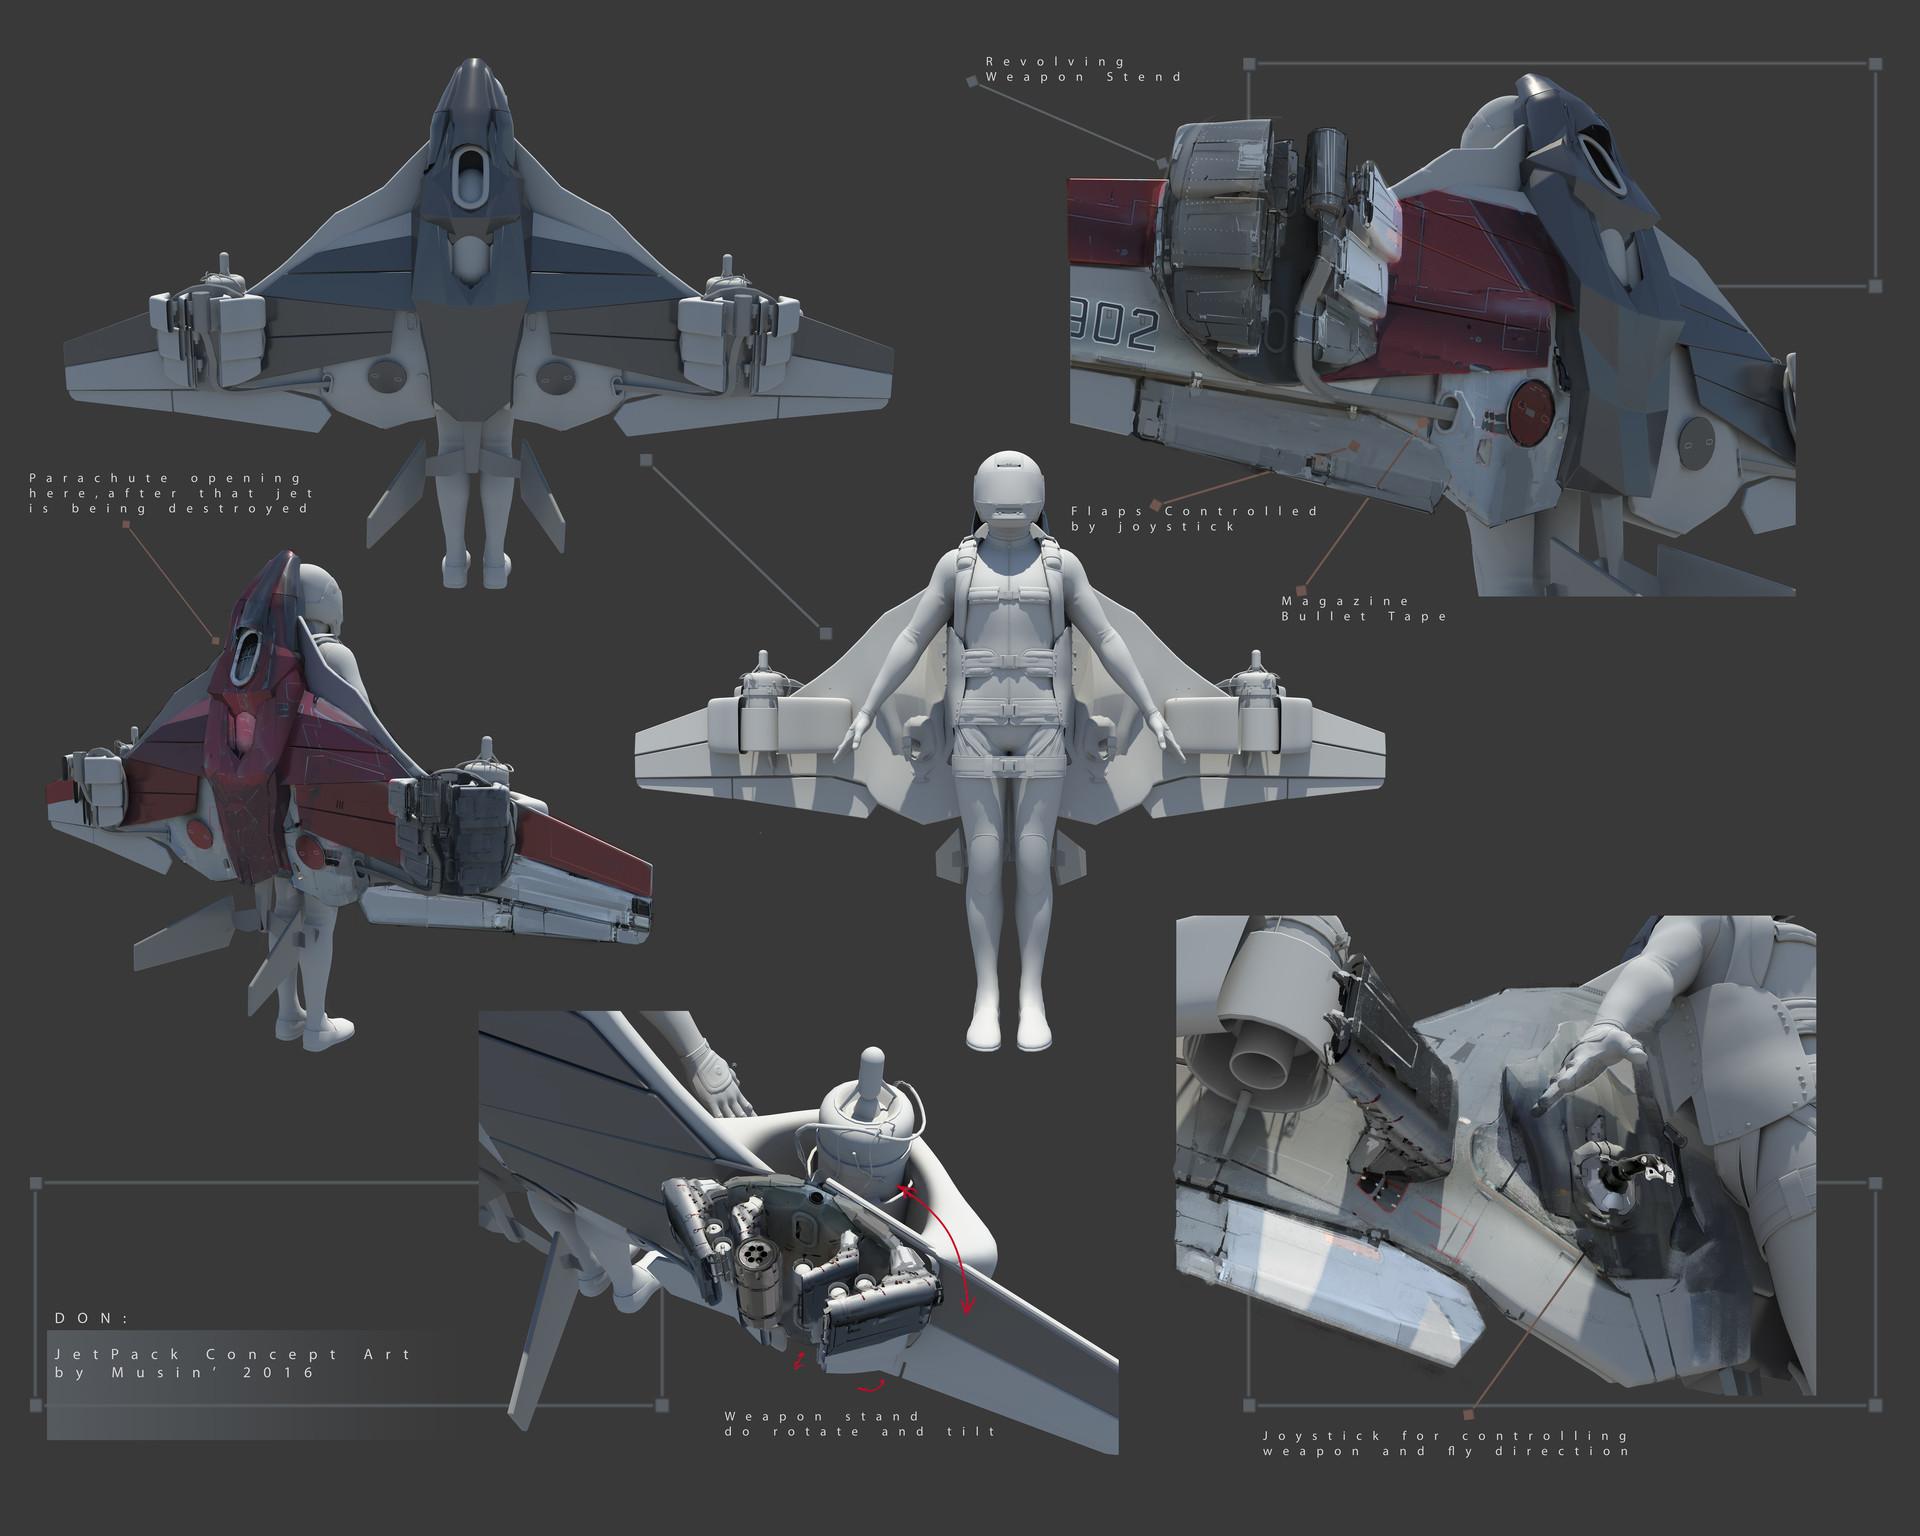 Sergey musin sergey musin jetpack conceptart redesign